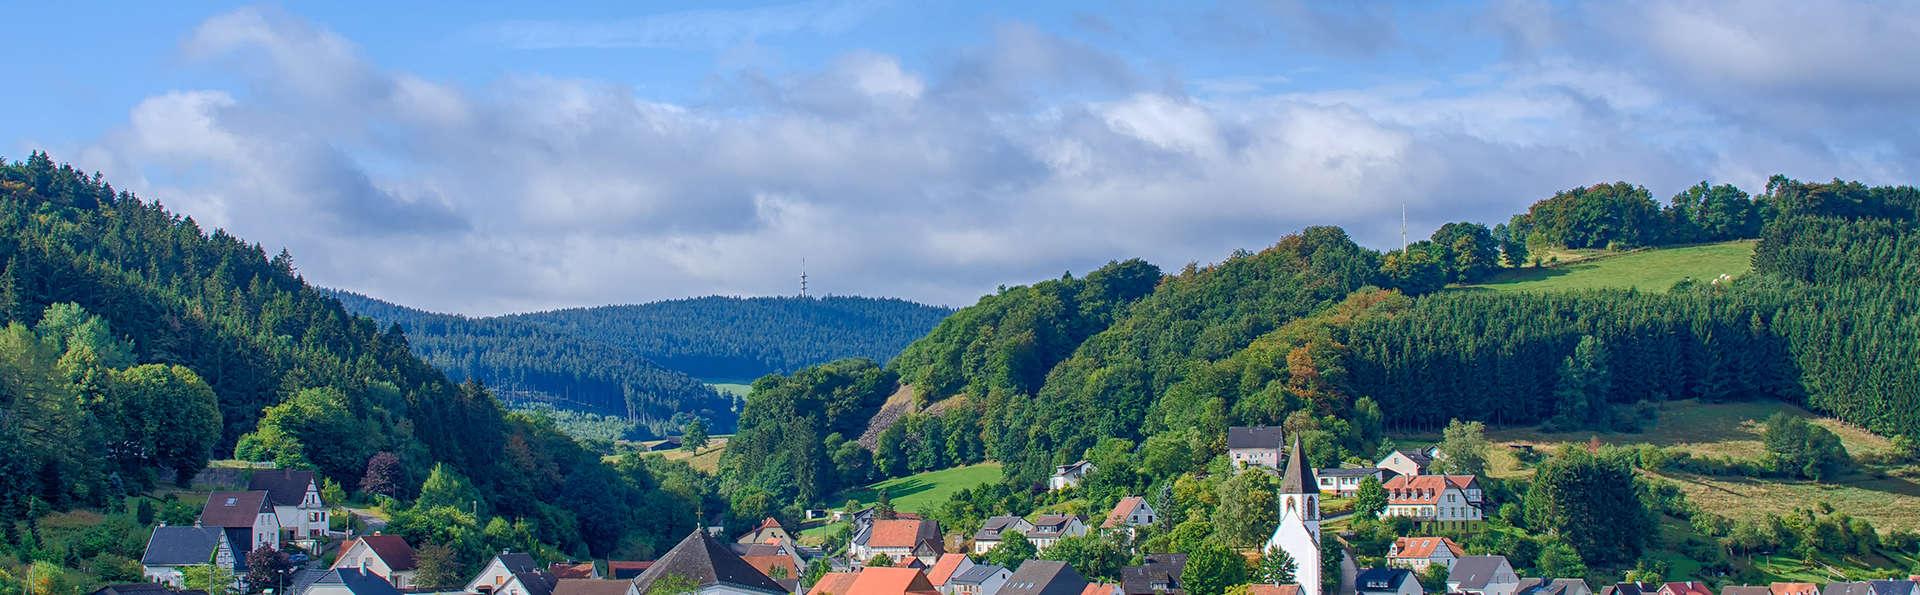 Profitez de la nature dans la belle région du Sauerland